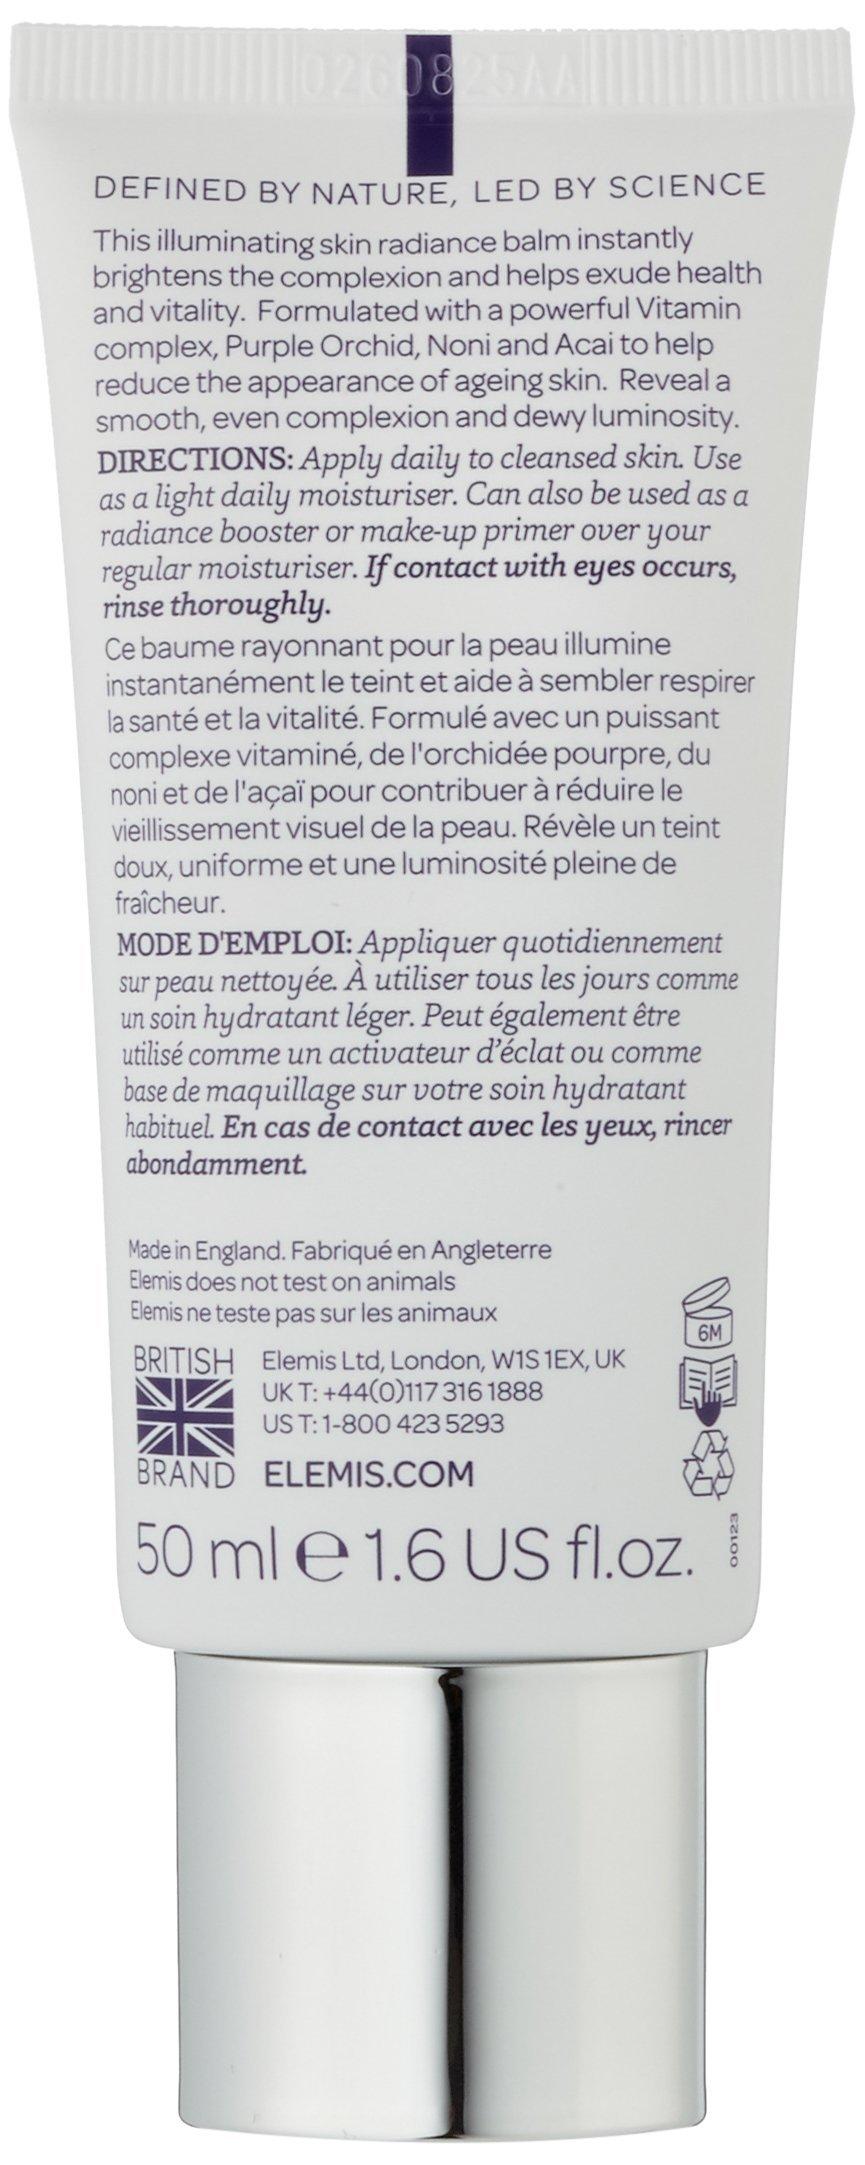 ELEMIS Pro-Radiance Illuminating Flash Balm - Skin Radiance Flash Balm by ELEMIS (Image #5)